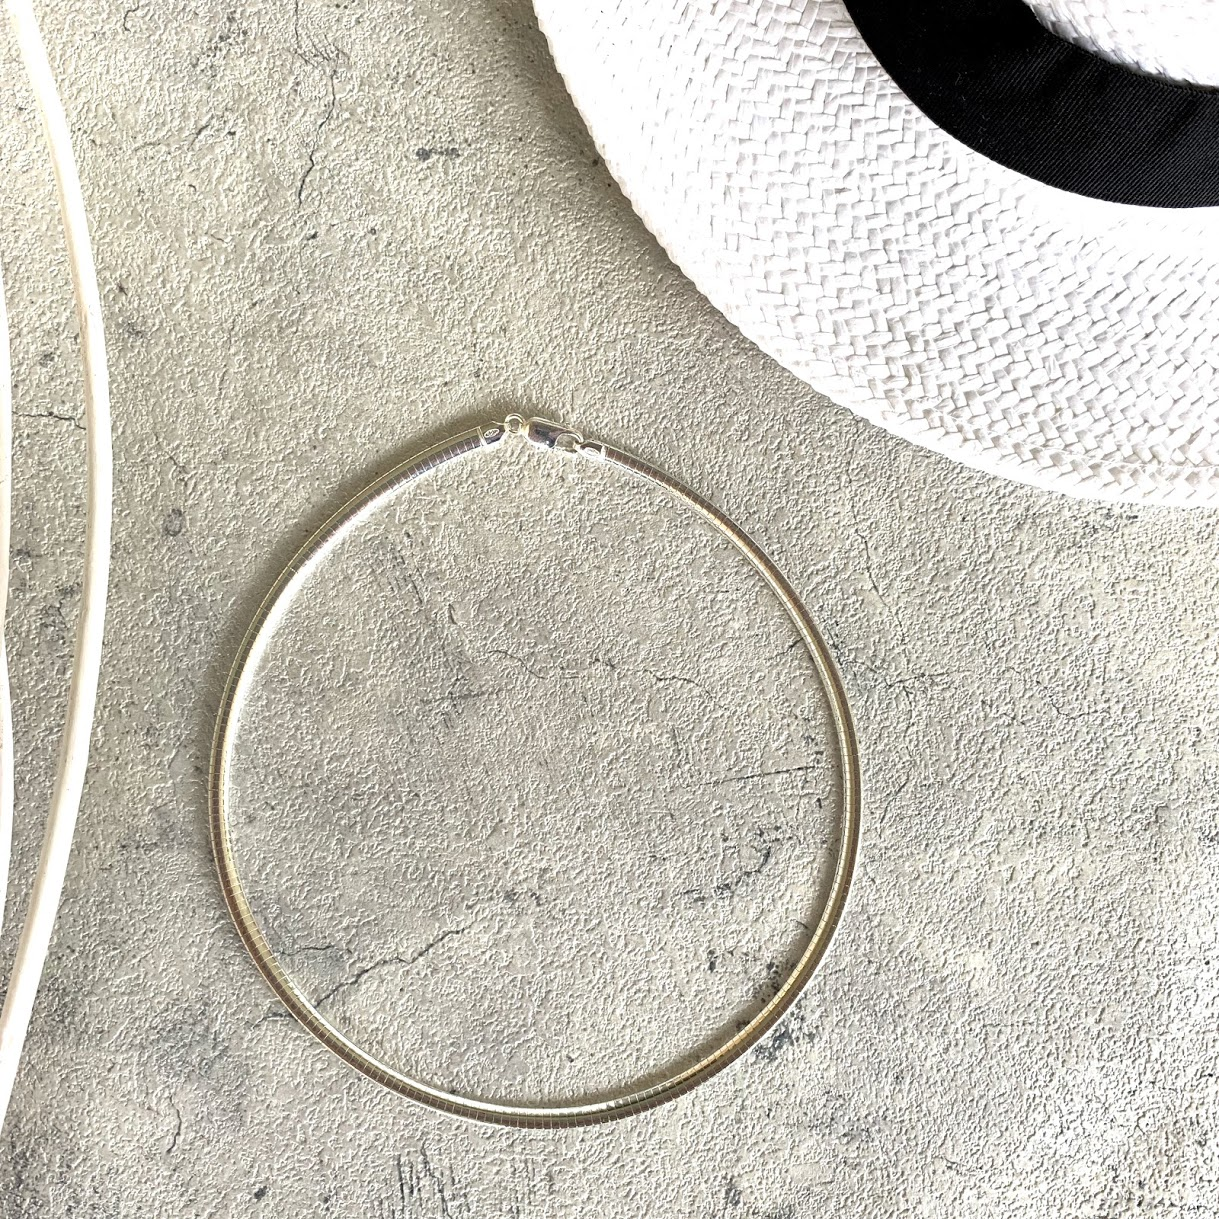 イタリア製 シルバー925 オメガネックレス